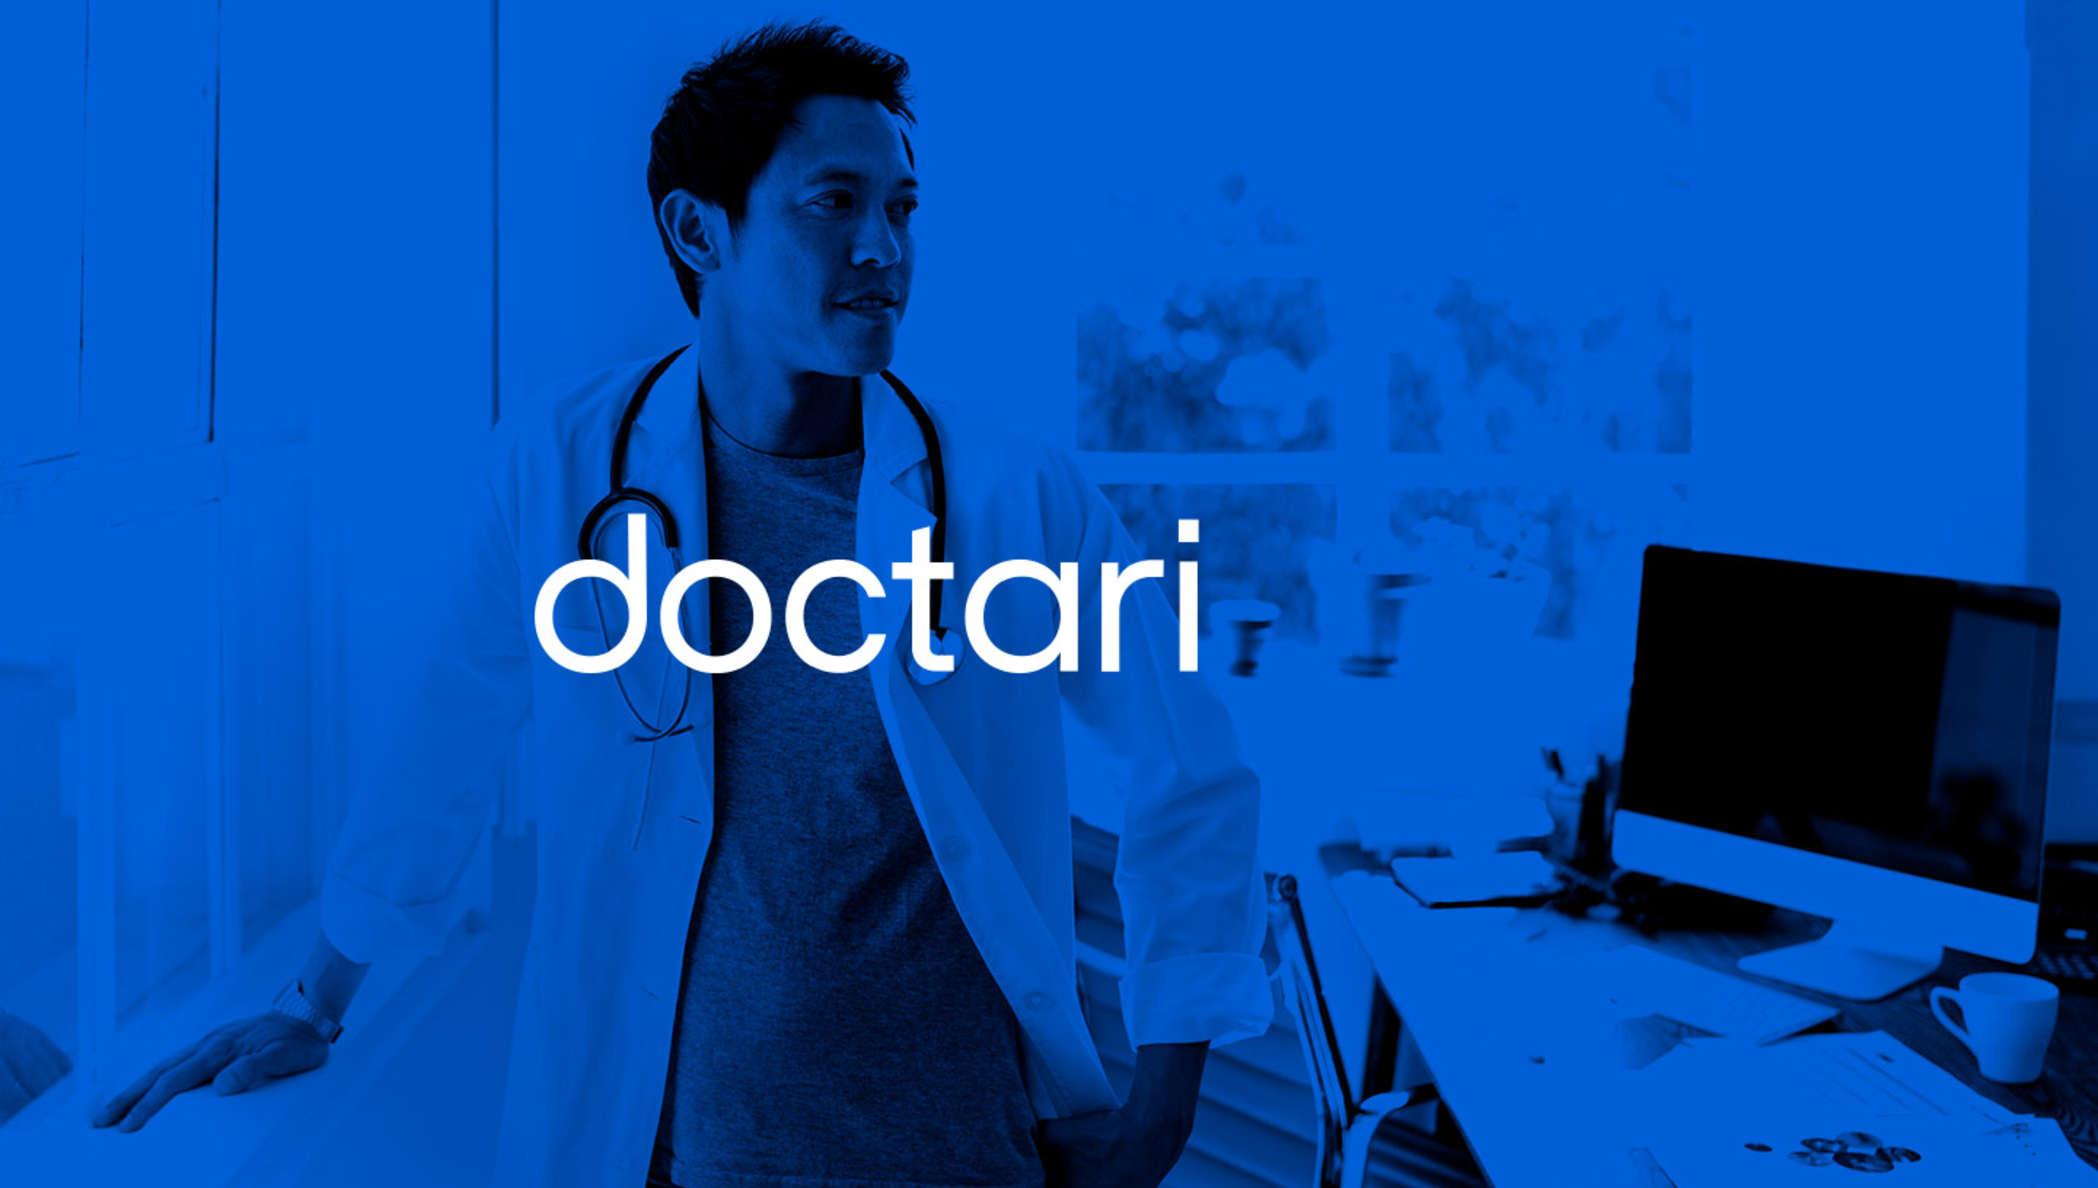 Ein Doktor in einem Raum (blau bearbeitetes Foto)